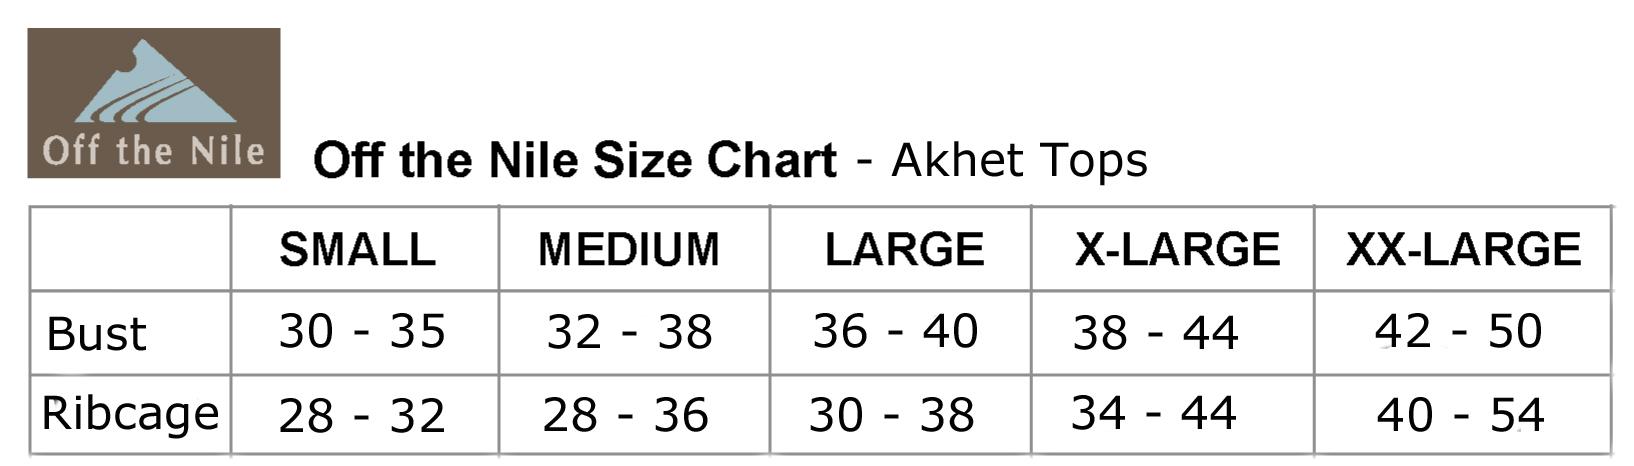 size-chart-akhet-tops.jpg